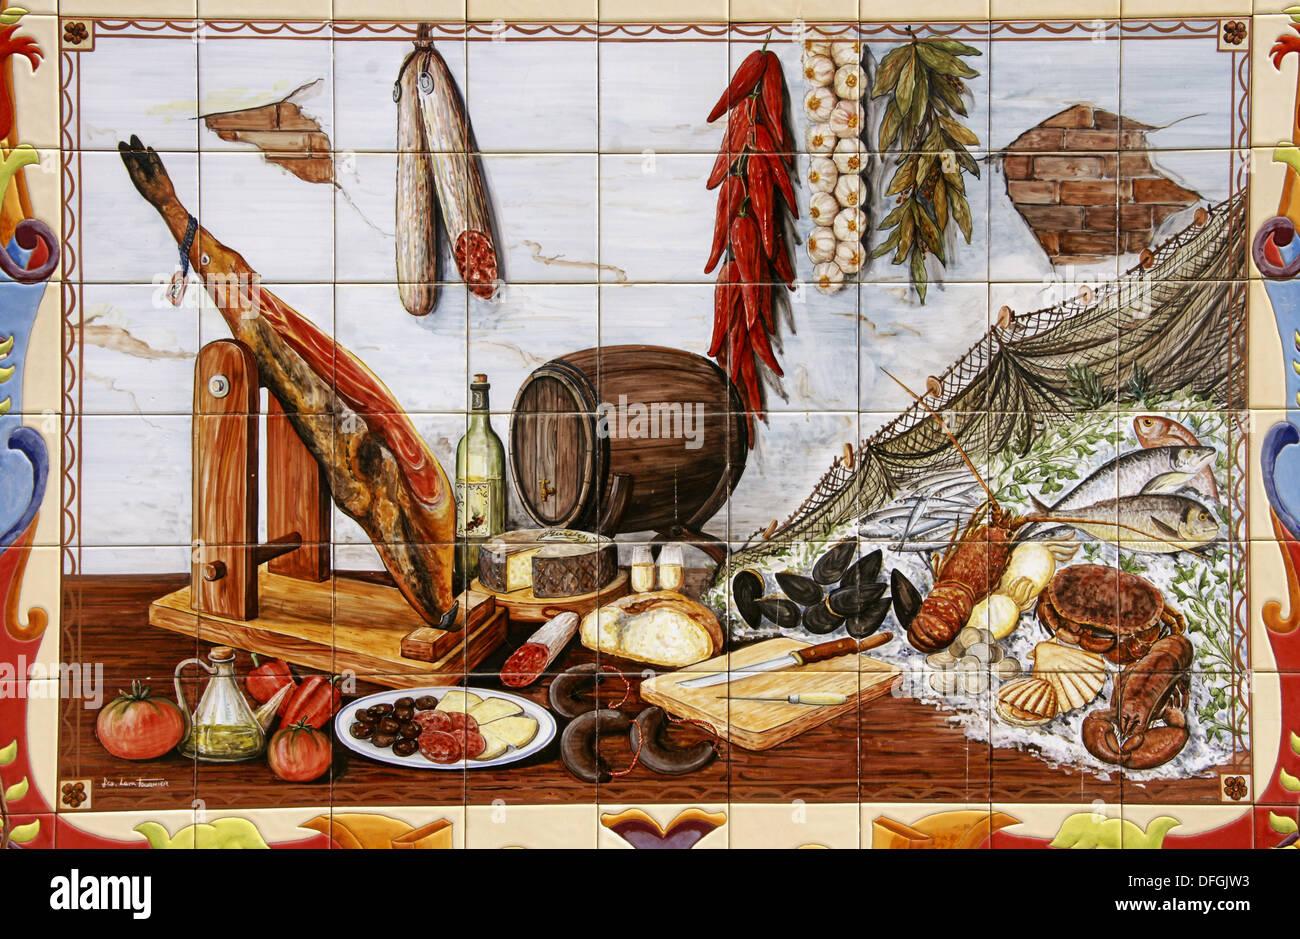 Pittura Su Piastrelle Di Ceramica : Pittura su piastrelle ceramiche di cibo andaluso. malaga andalusia